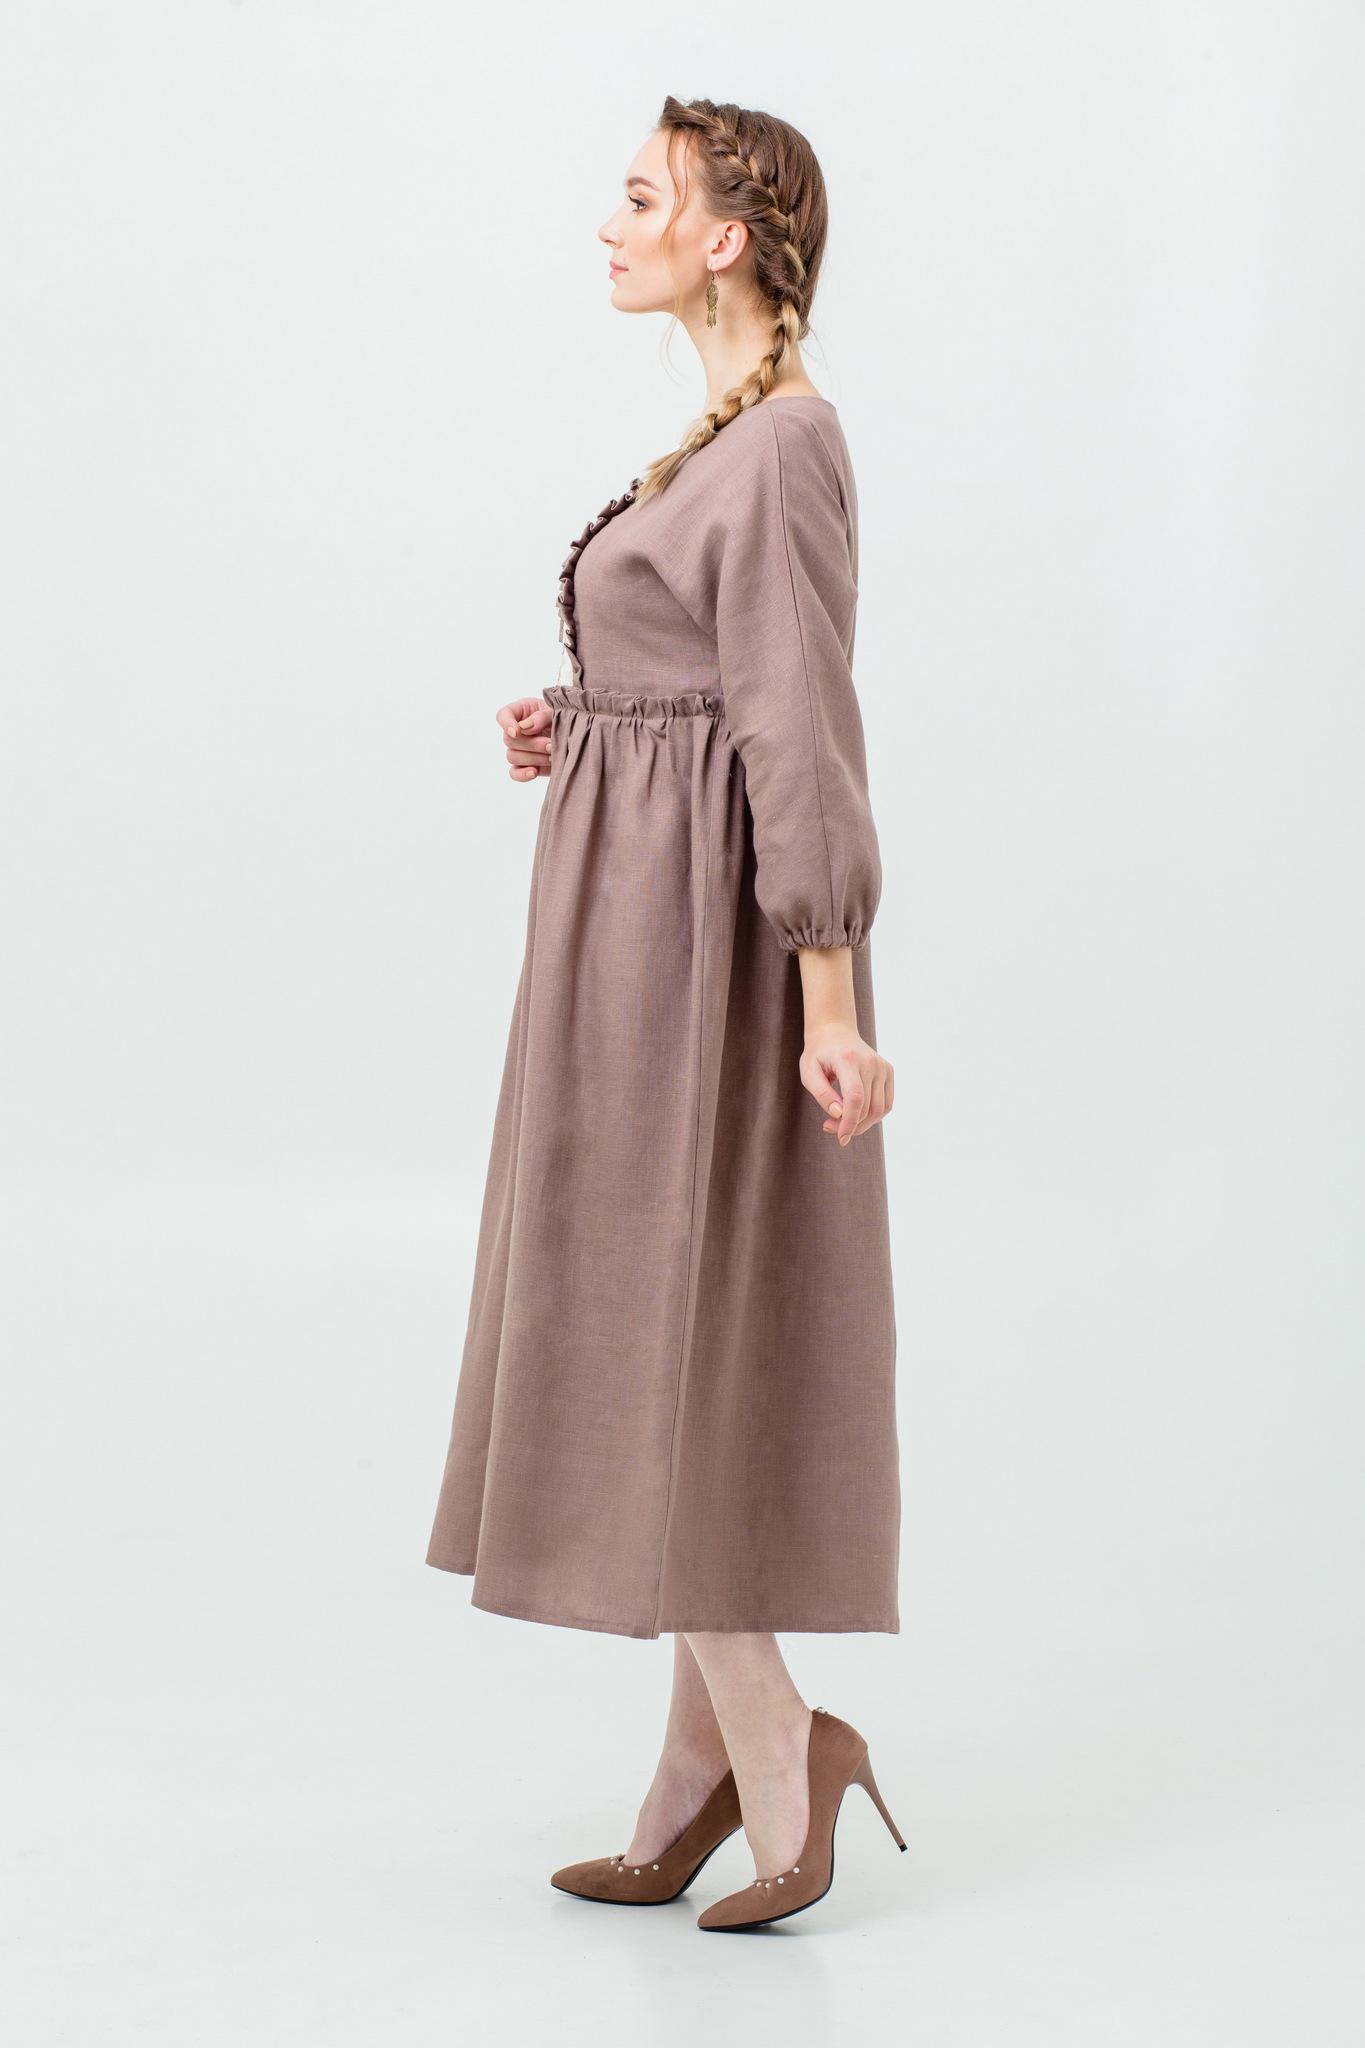 Платье льняное с кружевом Русская песня в стиле бохо